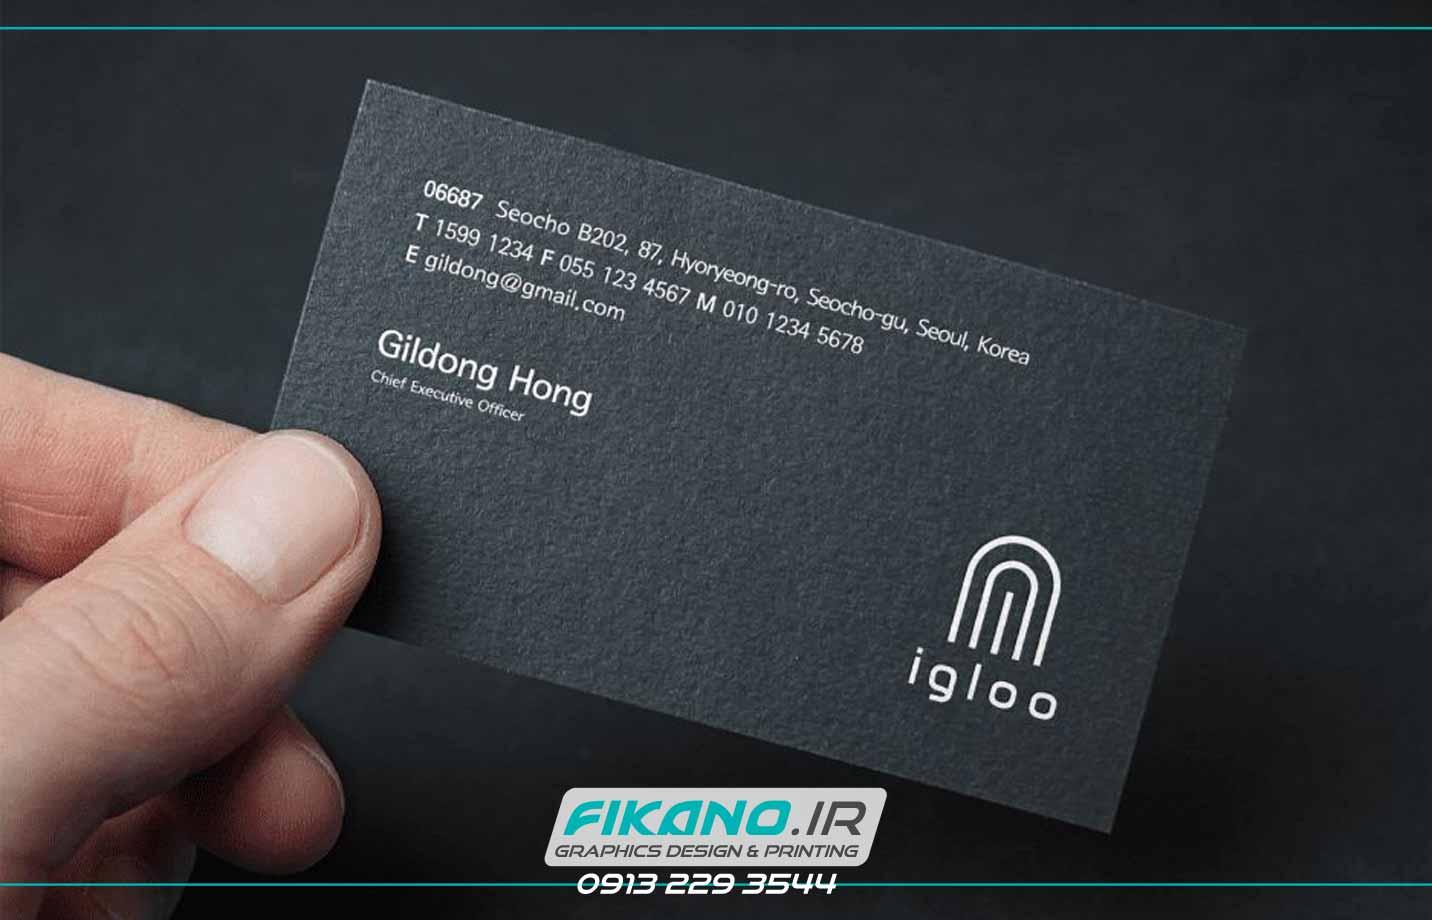 سفارش طراحی لوگو های خلاقانه - در سایت فیکانو www.fikano.ir